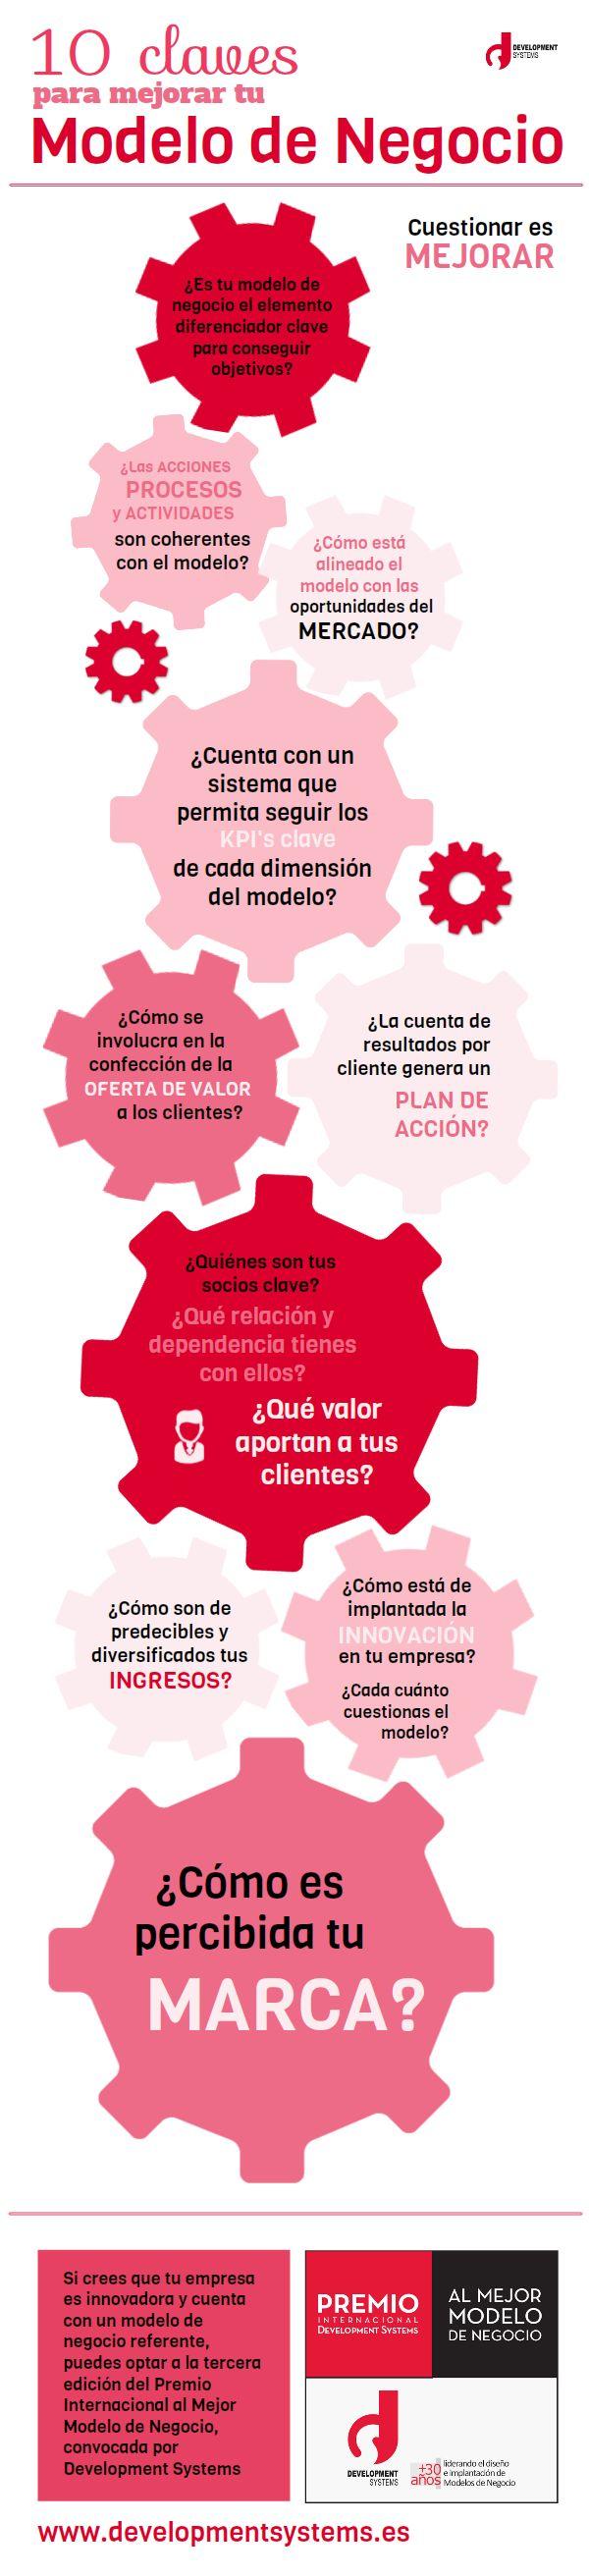 10 claves para mejorar tu modelo de negocio [infografía] – Premio Internacional al Mejor Modelo de Negocio